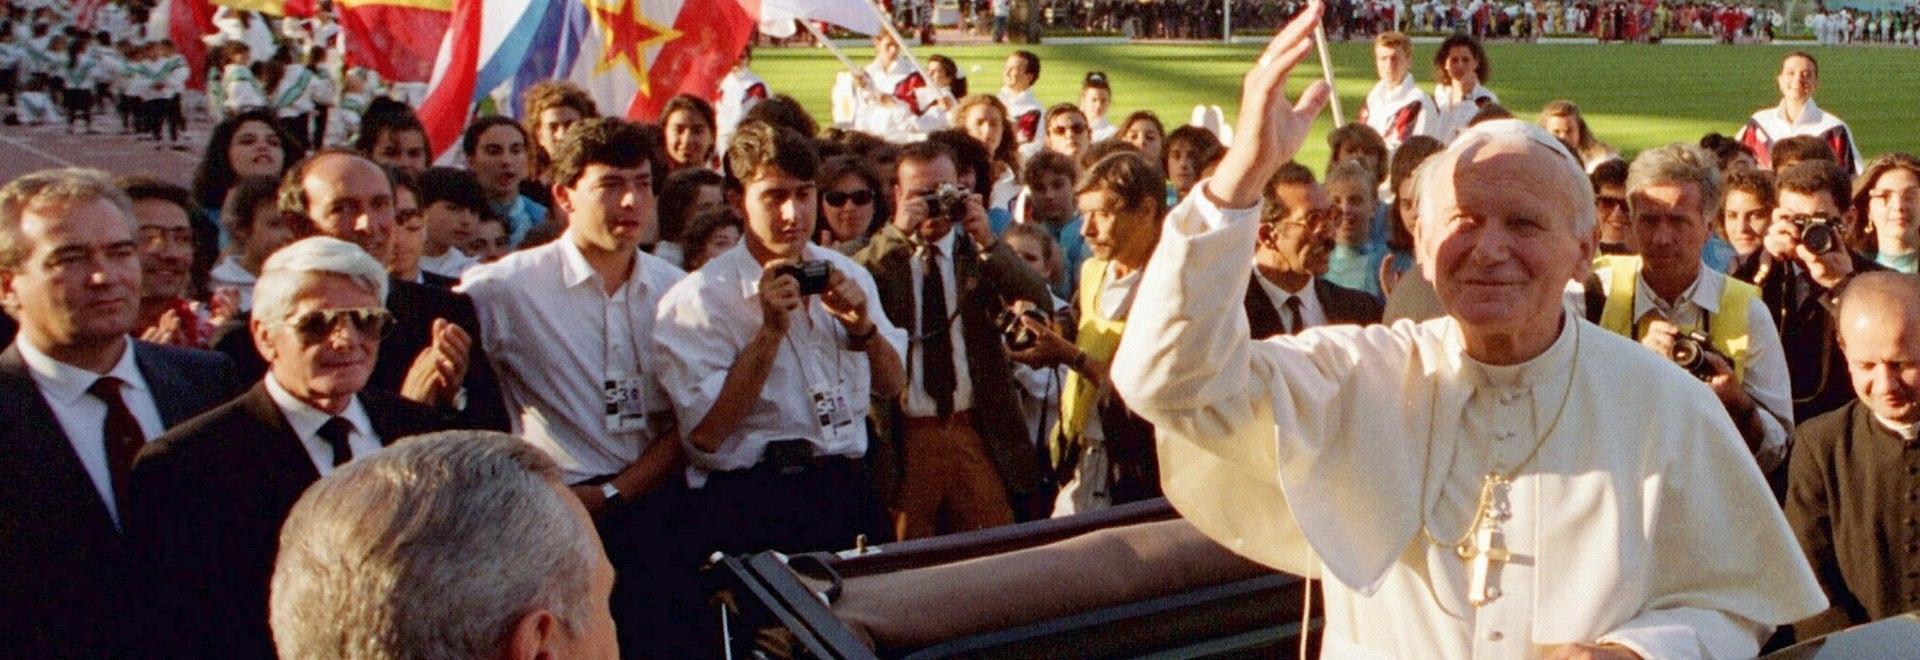 Giovanni Paolo II - Il Papa Beato e sportivo